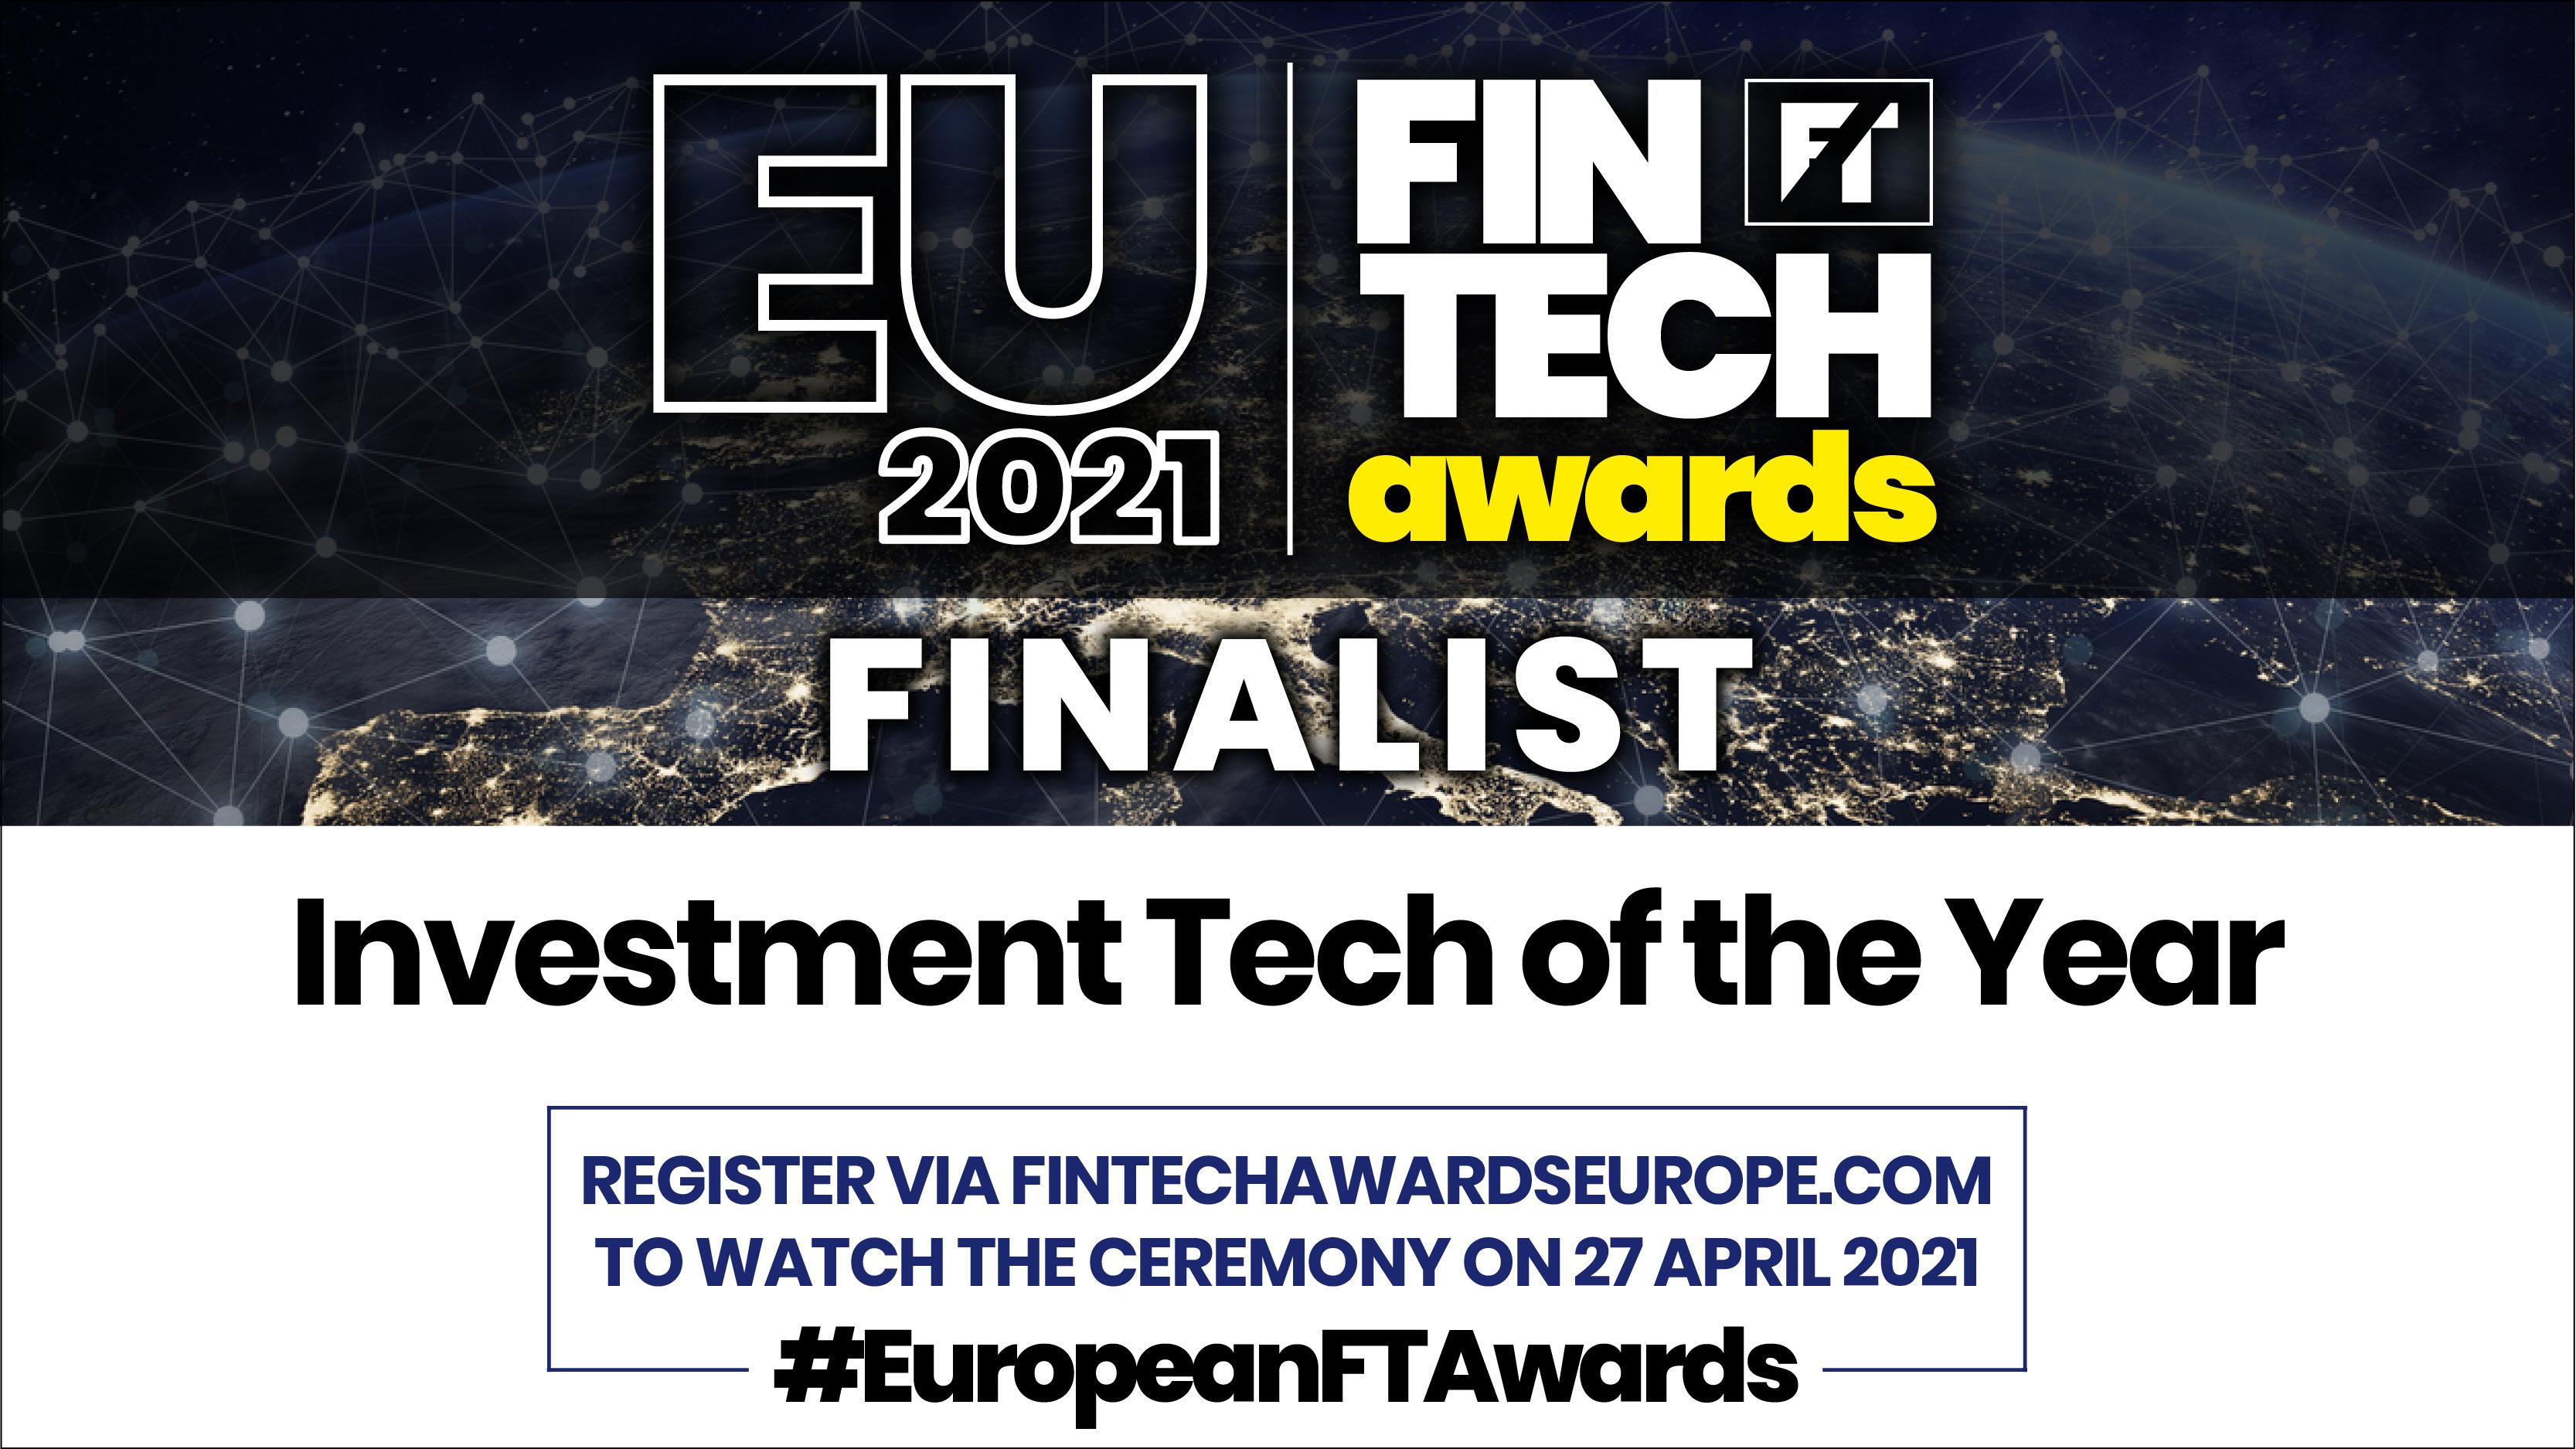 EU Fintech Awards 2021_Finalist_block_solid_Investment Tech